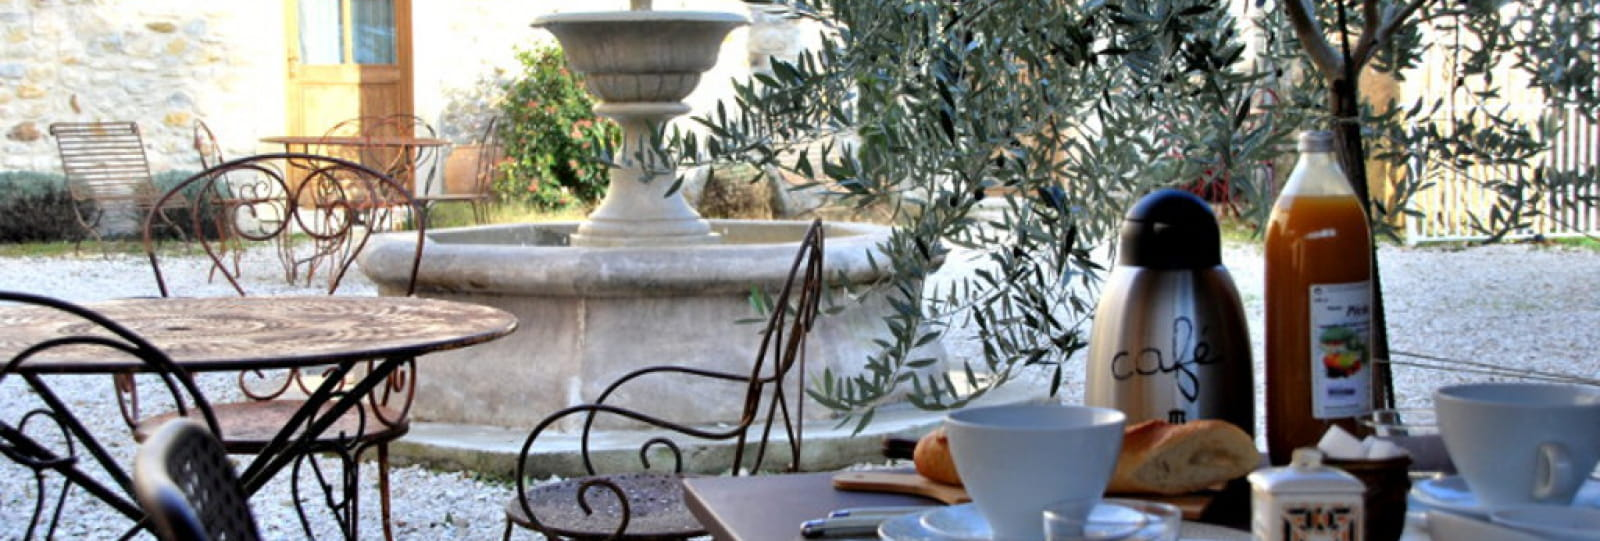 Le petit déjeuner dans la cour intérieure